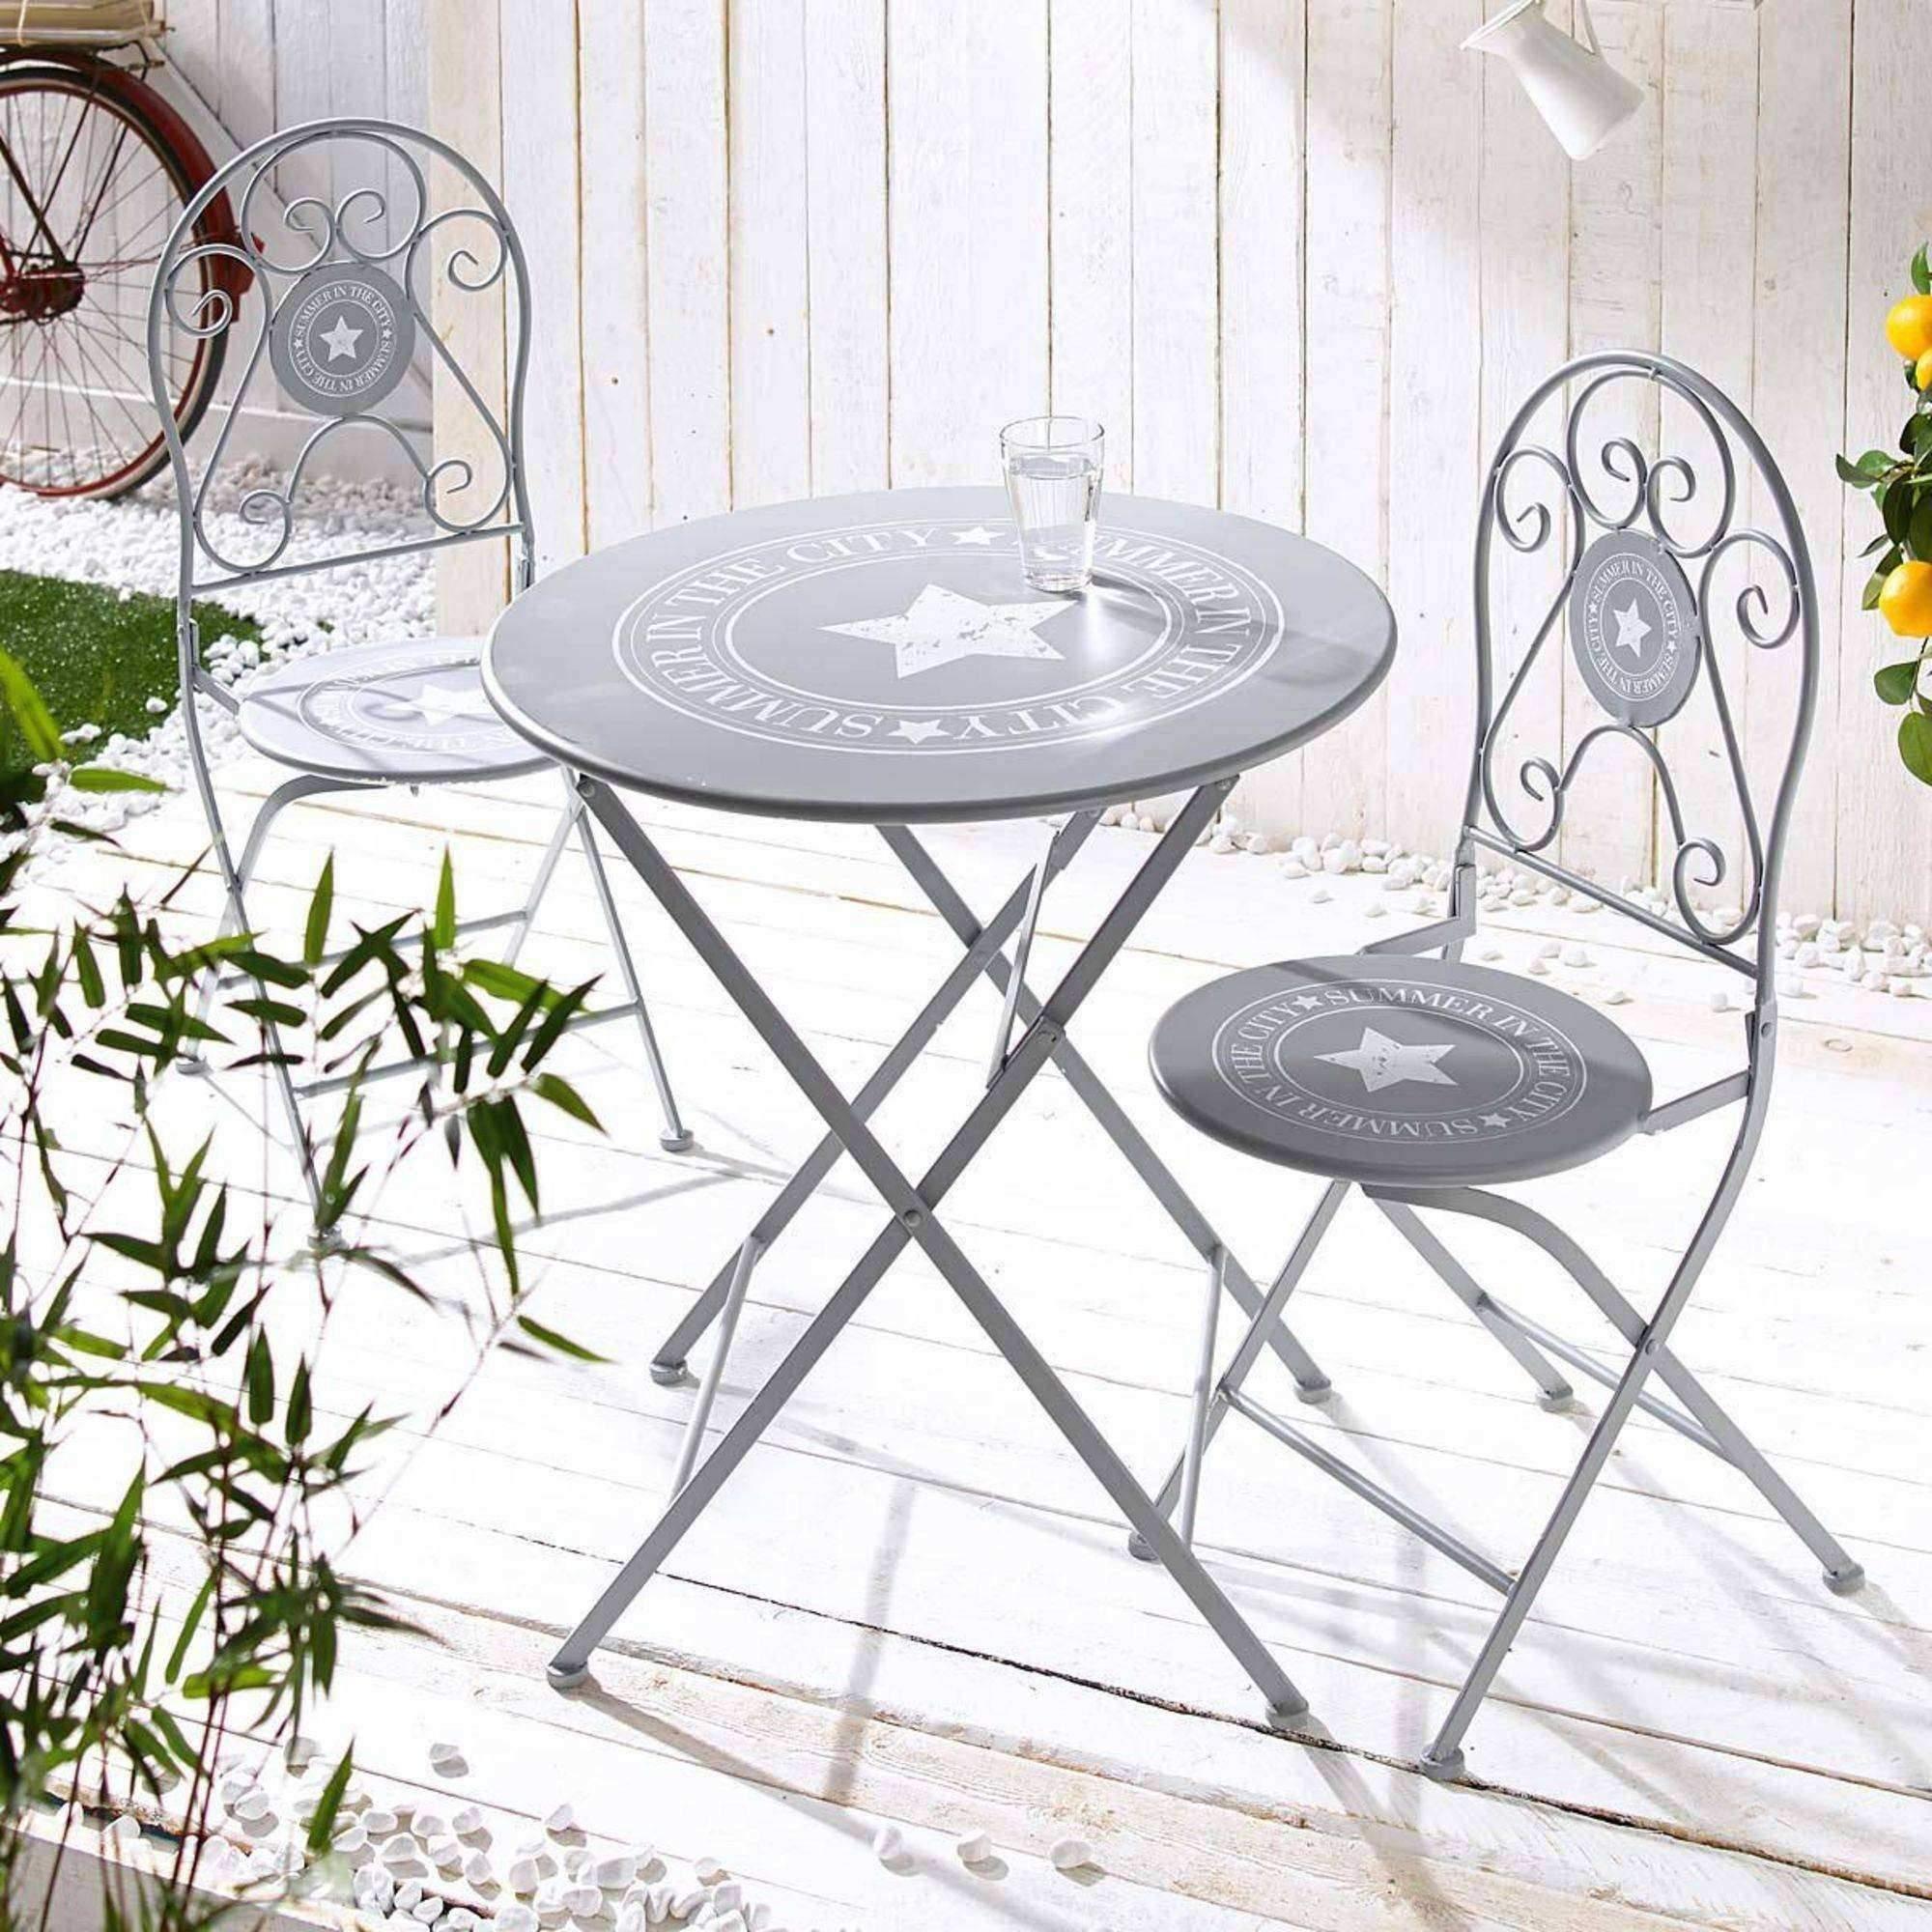 tisch und stuhle elegant teak stuhle garten reizend beste balkonmobel metall gartenst of tisch und stuhle